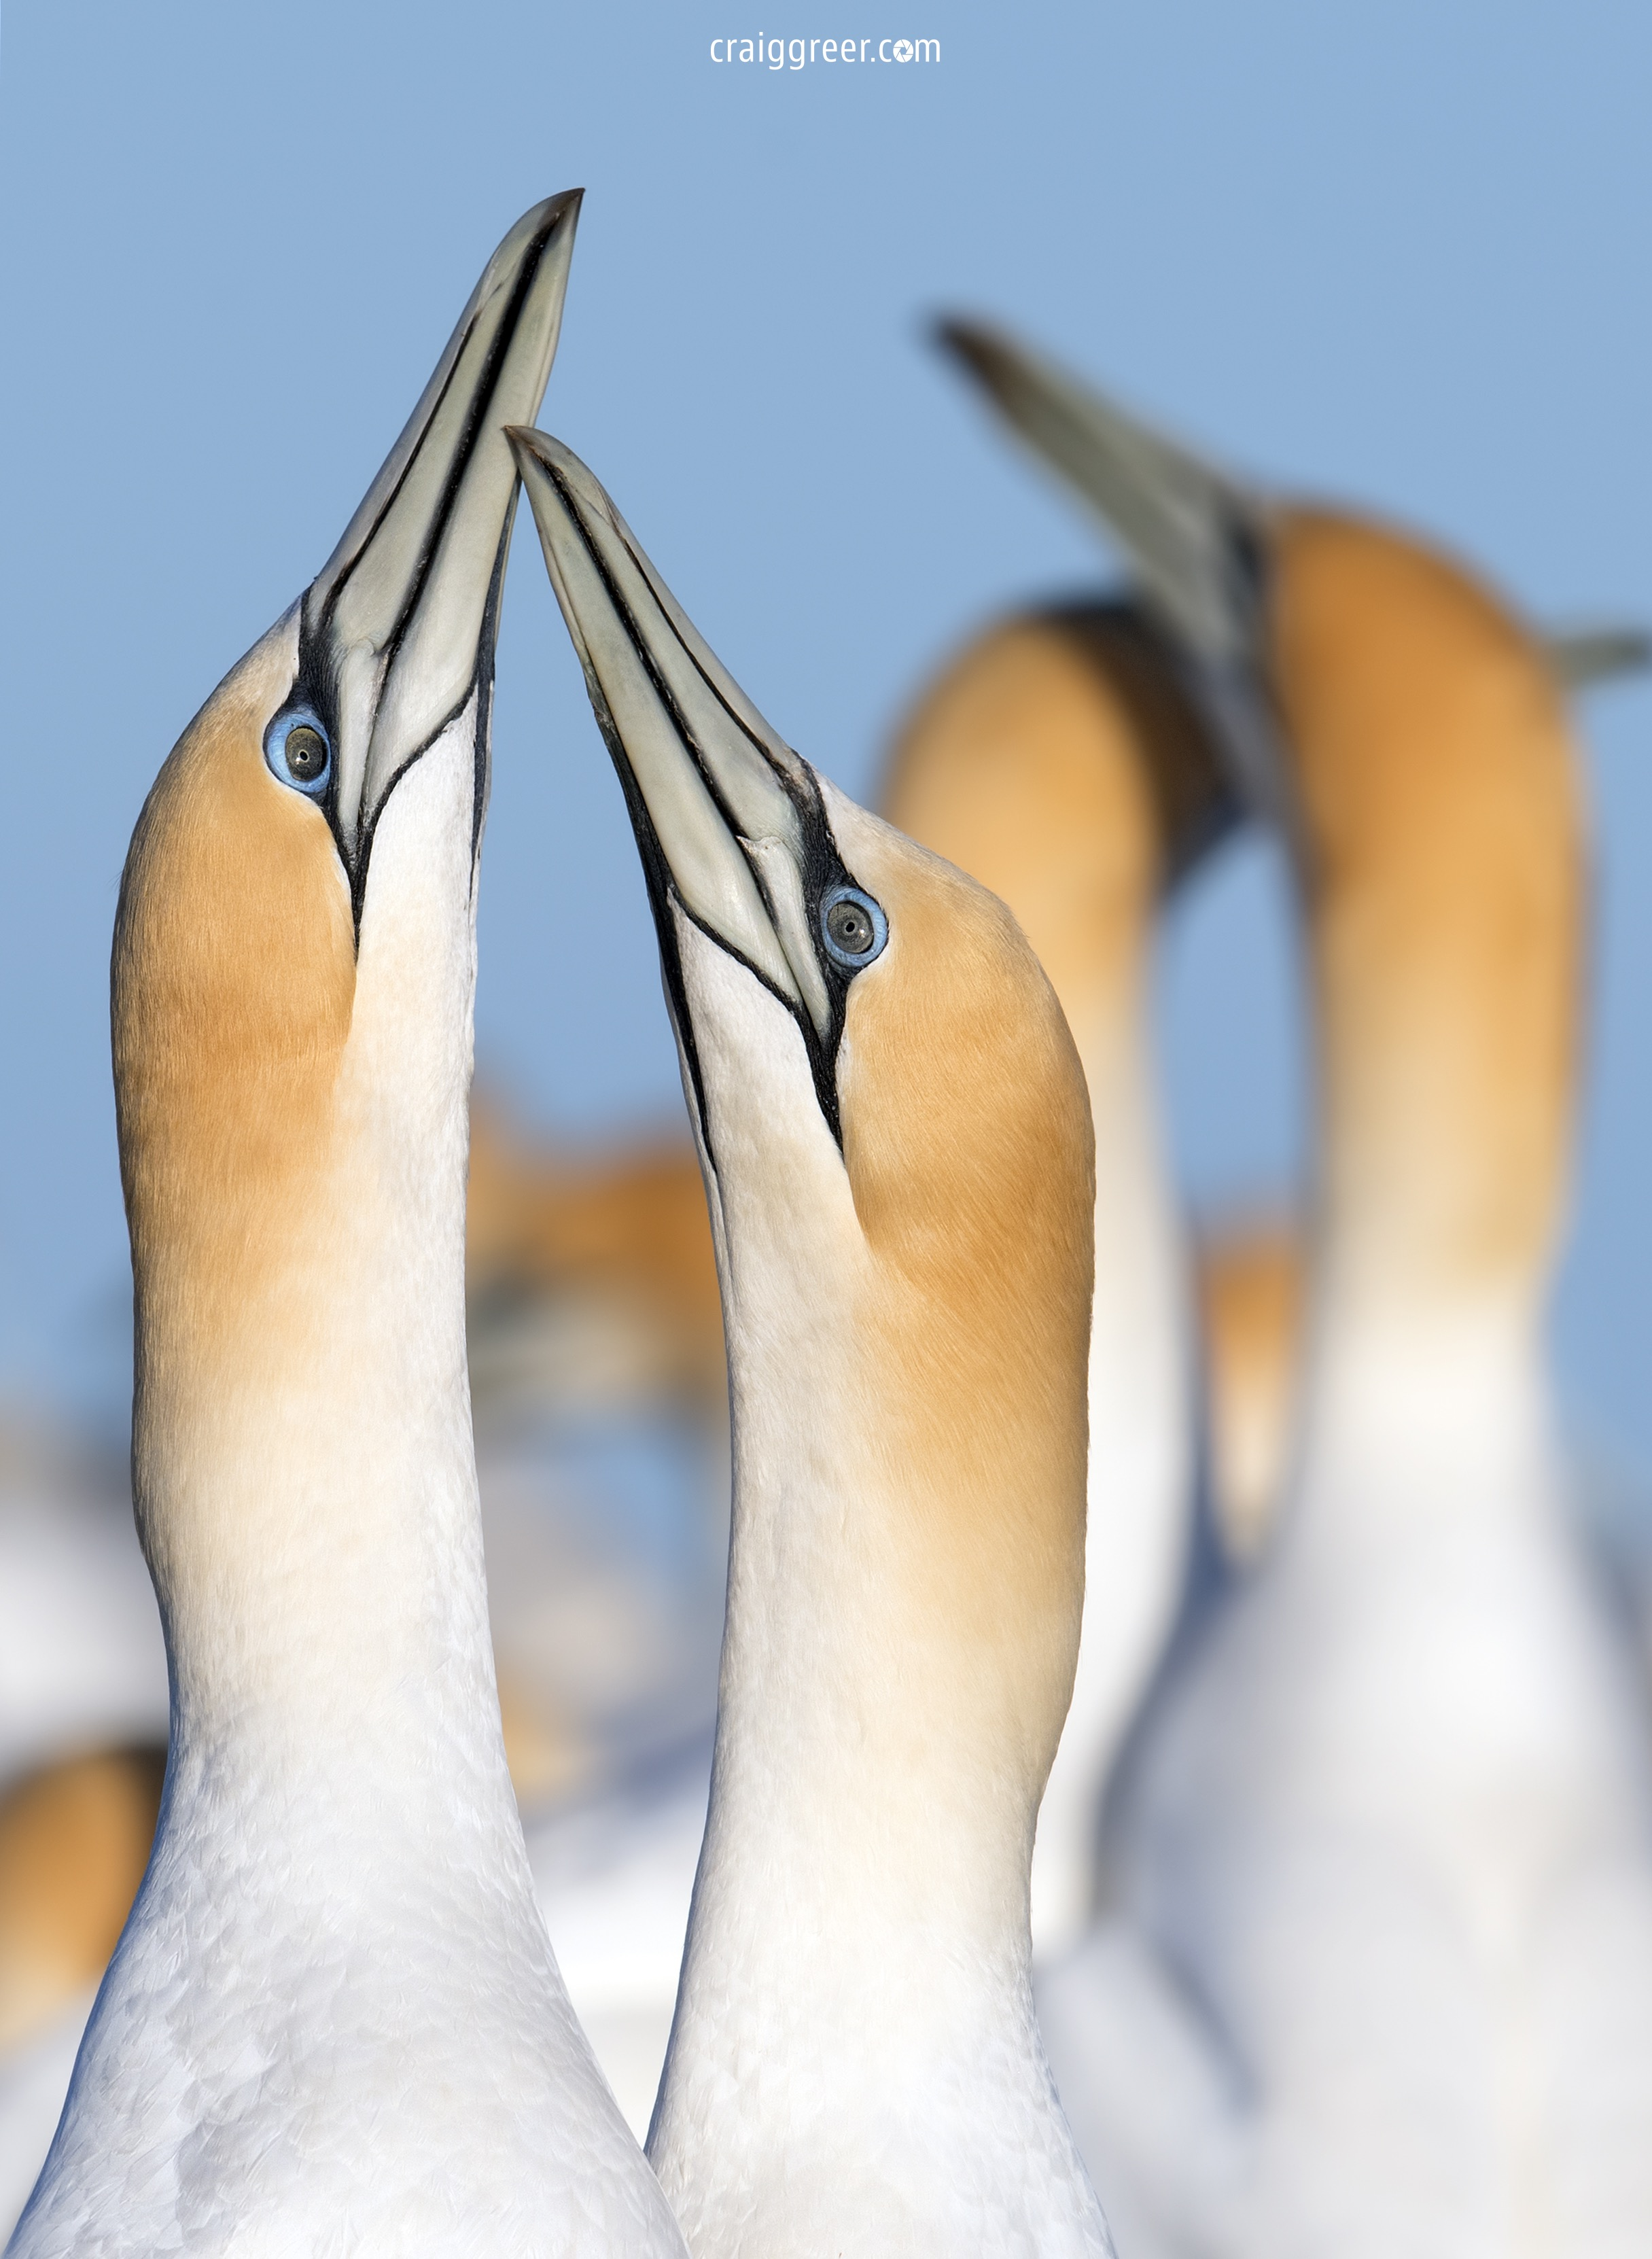 Australasian-Gannets-courting-Point-Danger-01-10-18.jpg